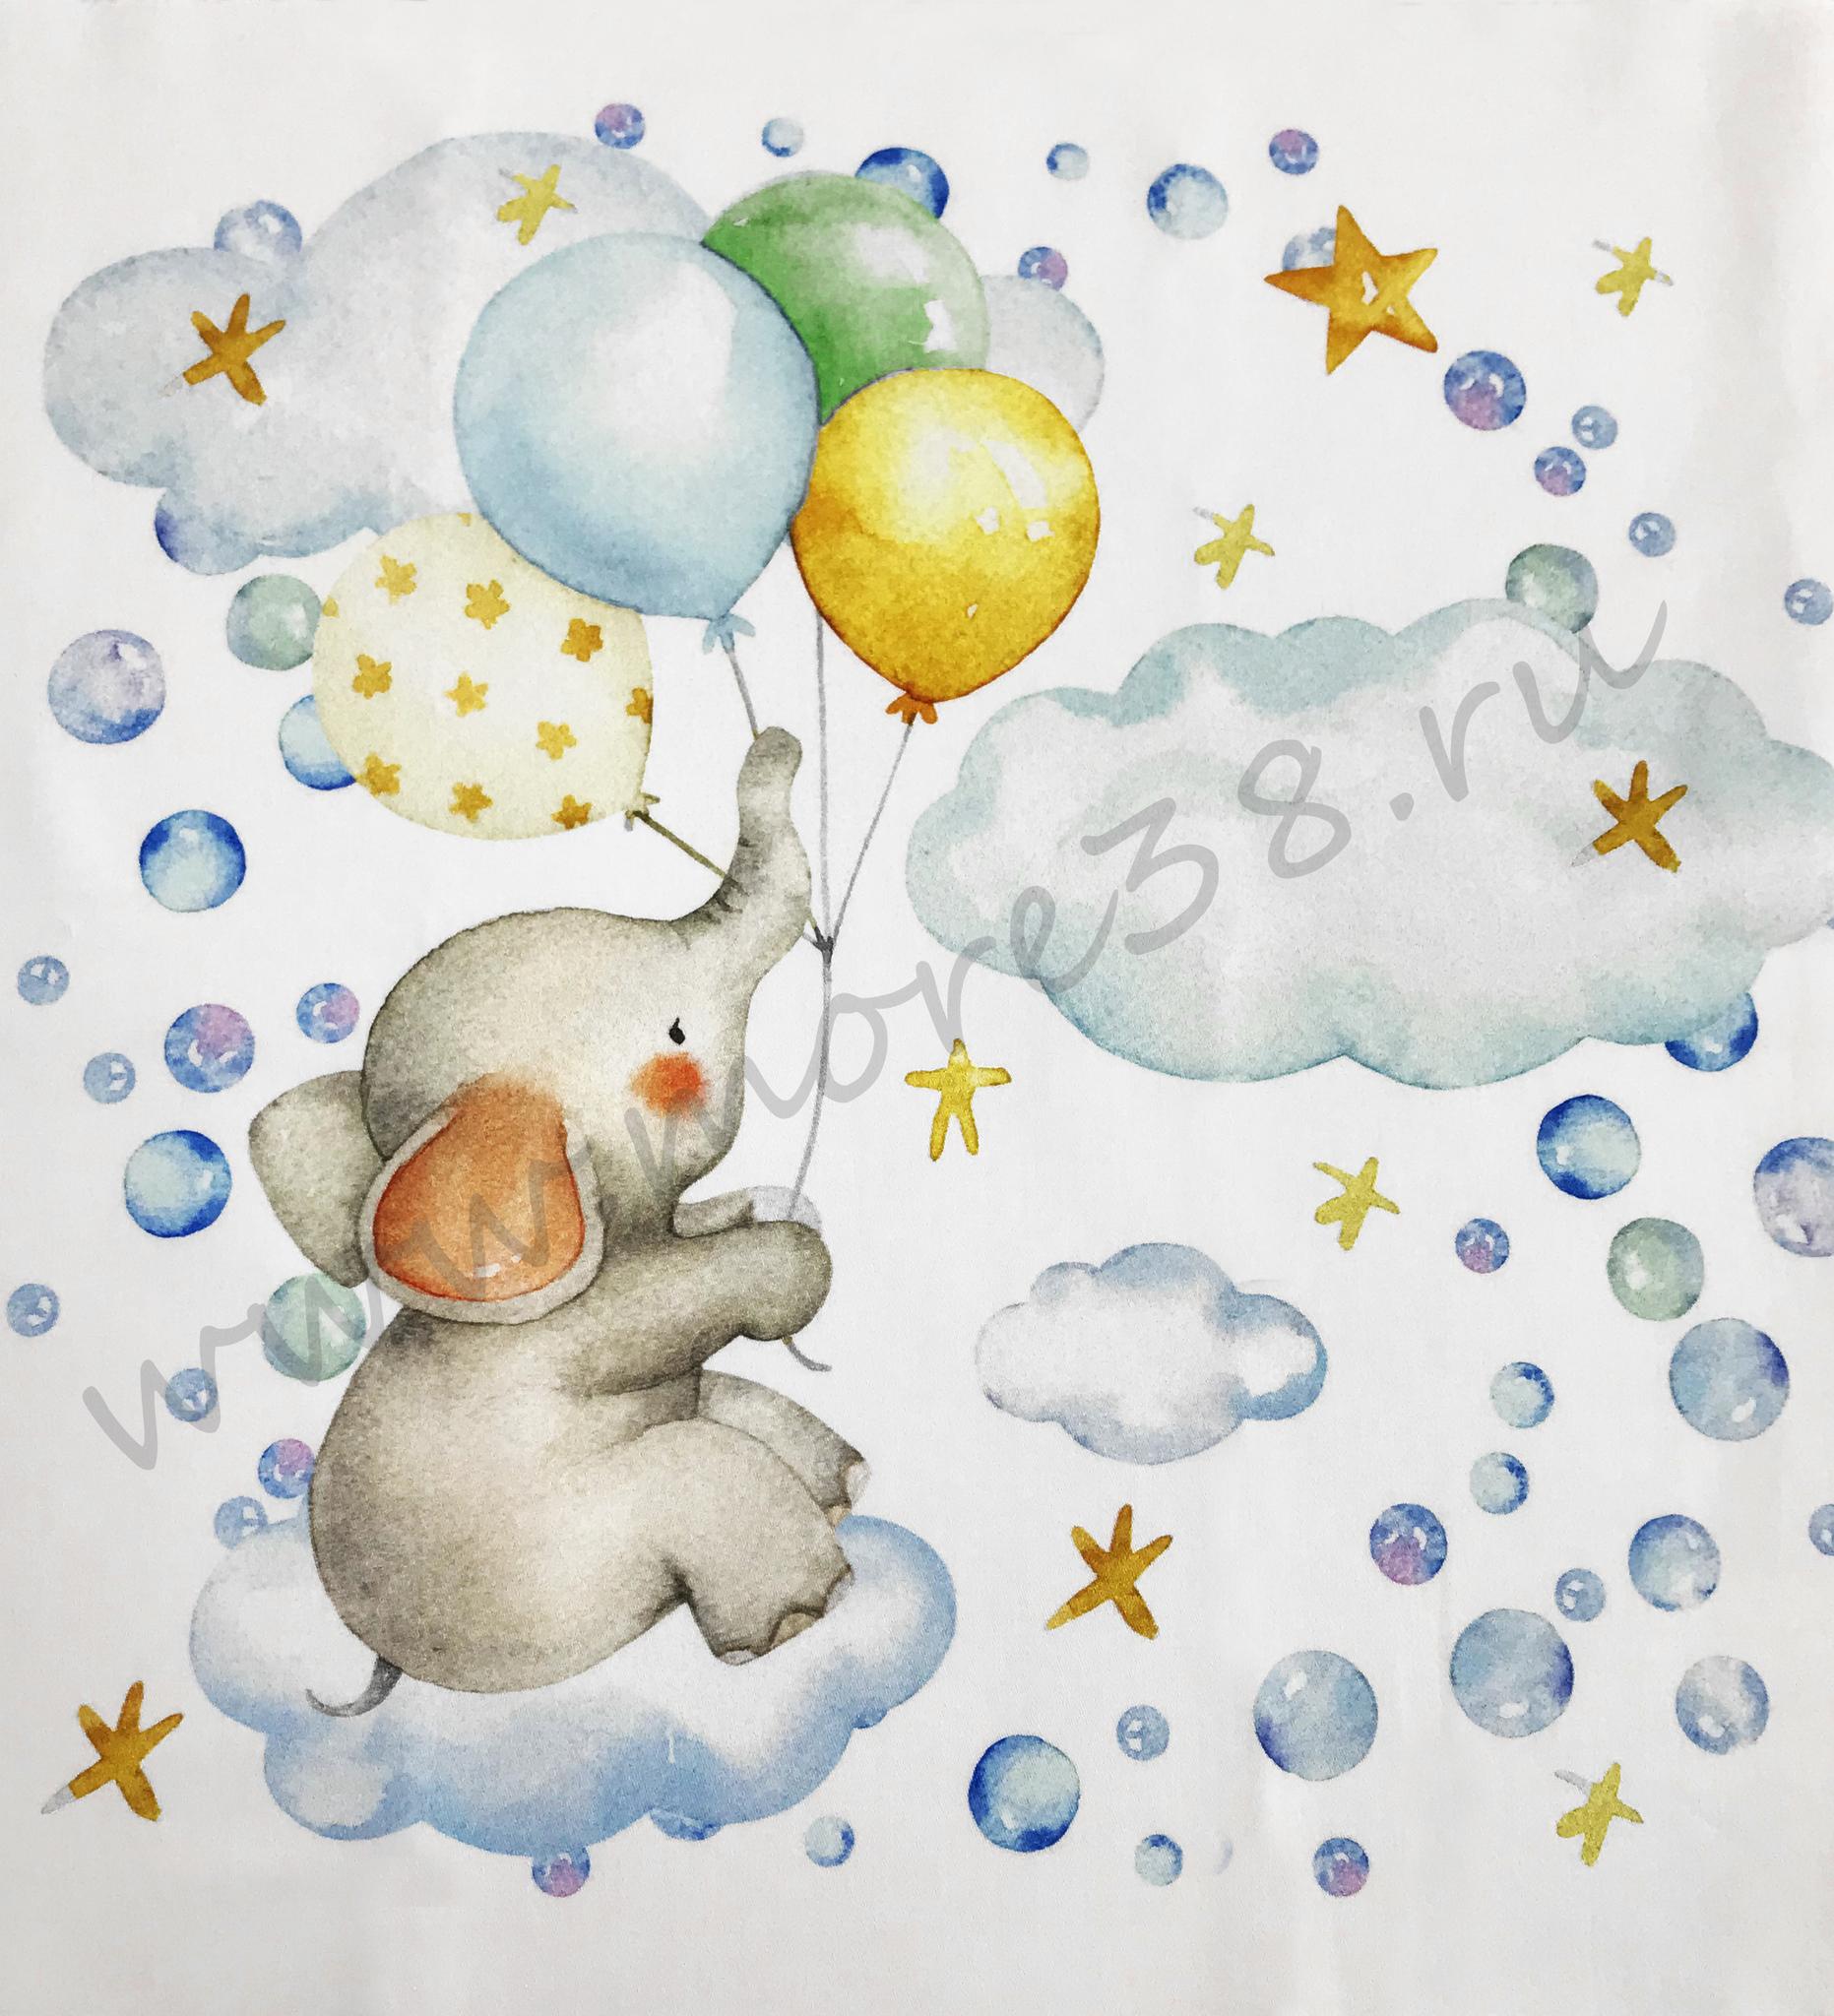 Панель(купон) котик,слоник ,мышенок и шары -35*35 см, 4 шт